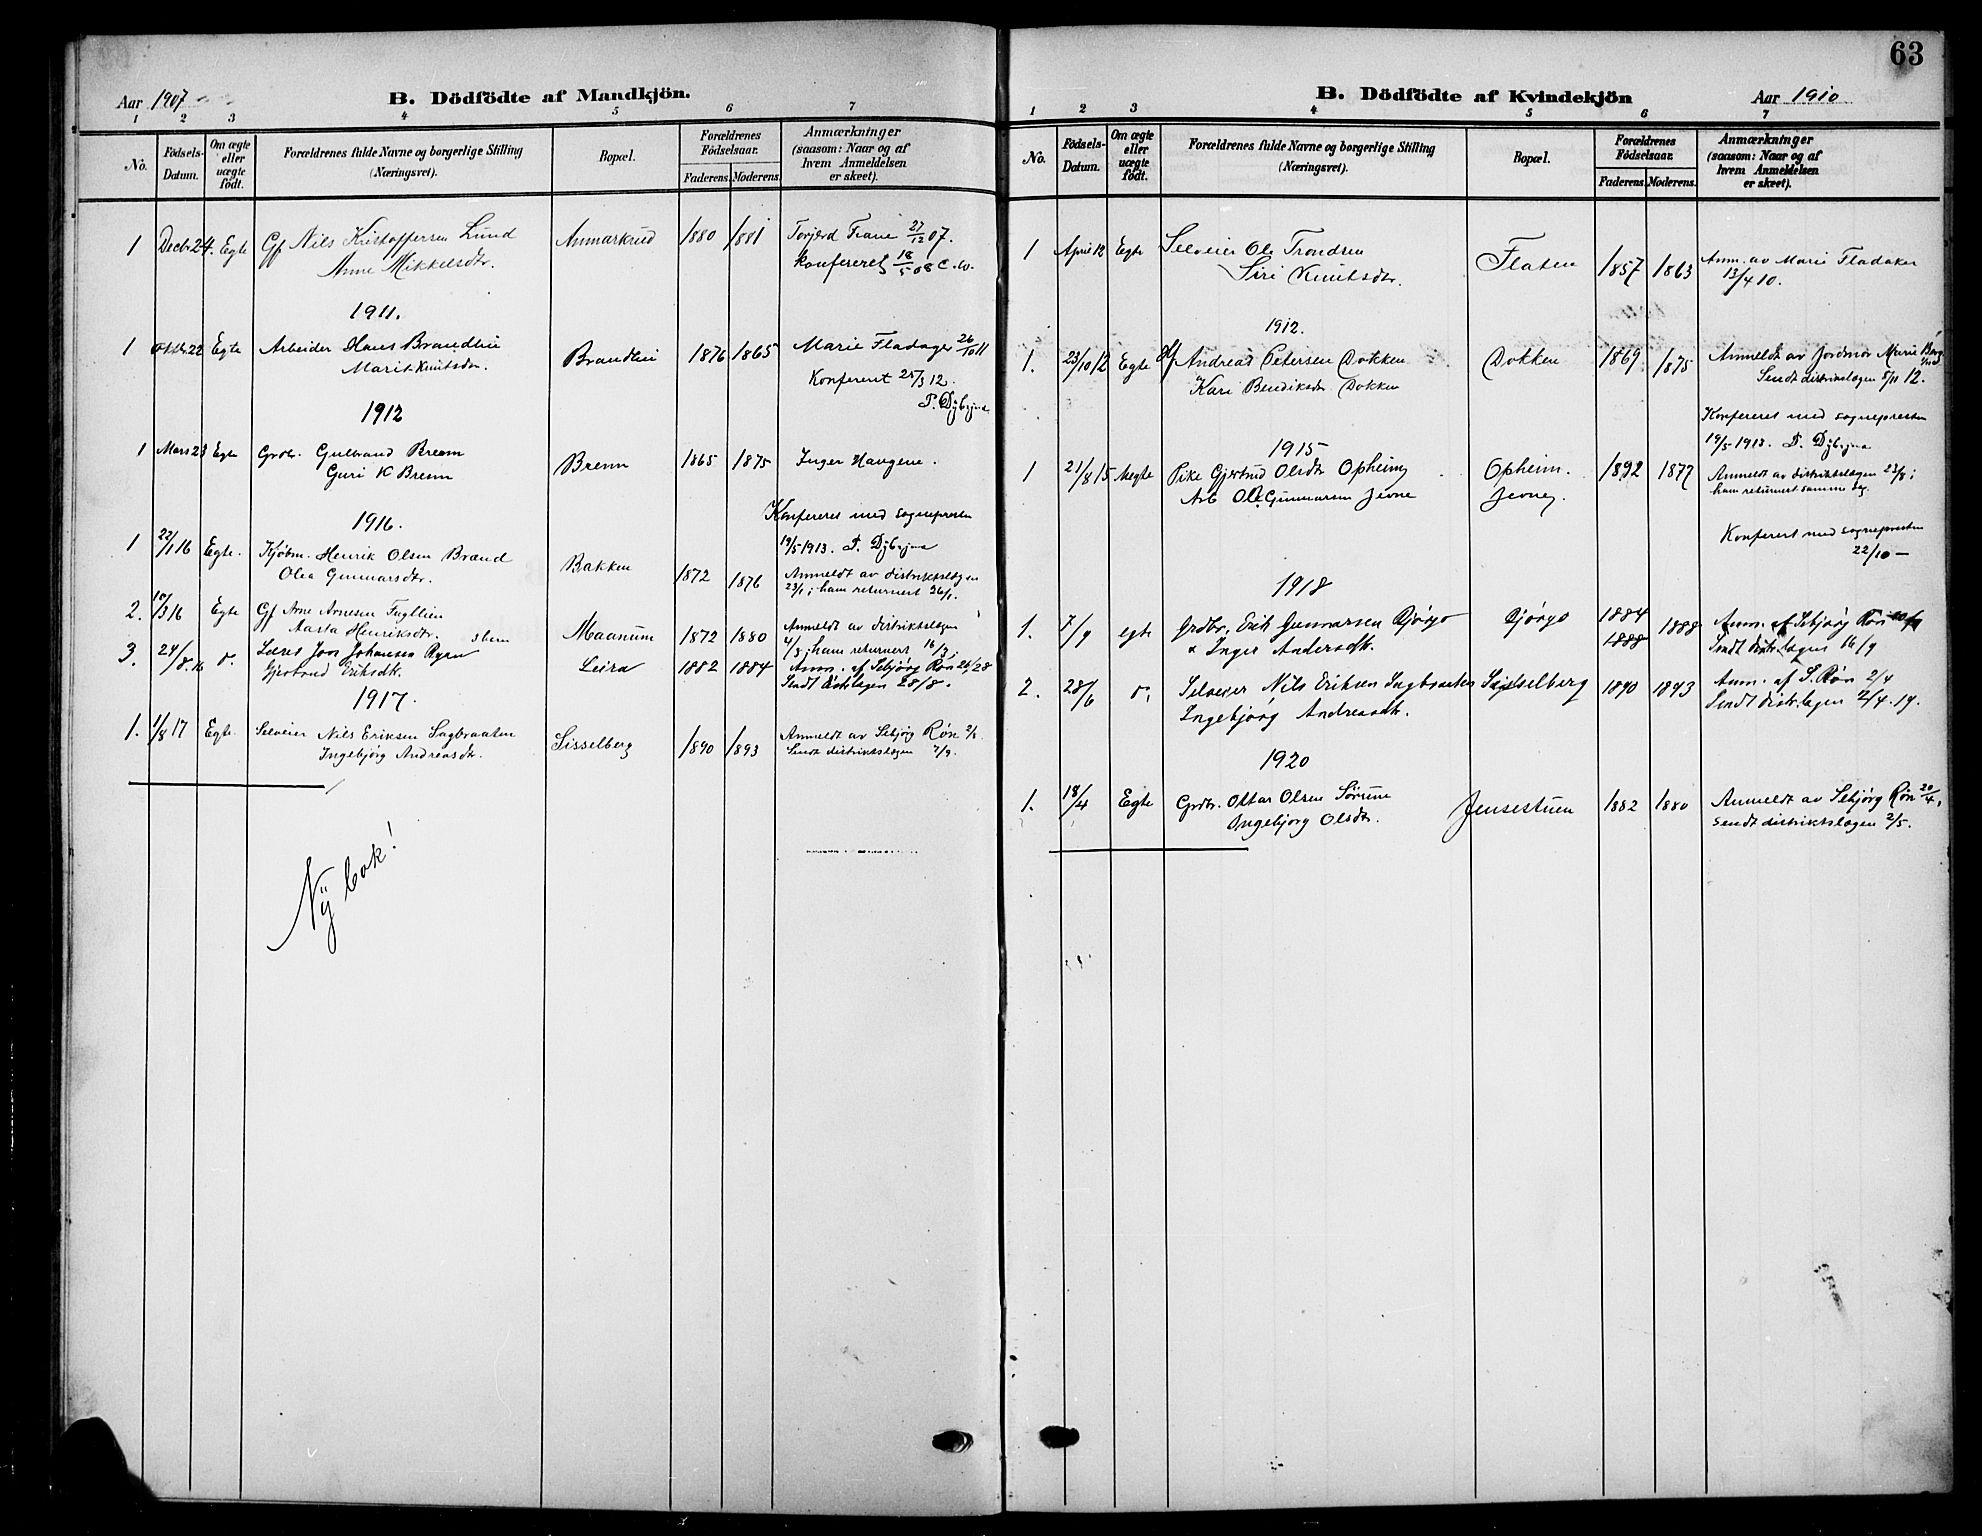 SAH, Nord-Aurdal prestekontor, Klokkerbok nr. 12, 1907-1920, s. 63